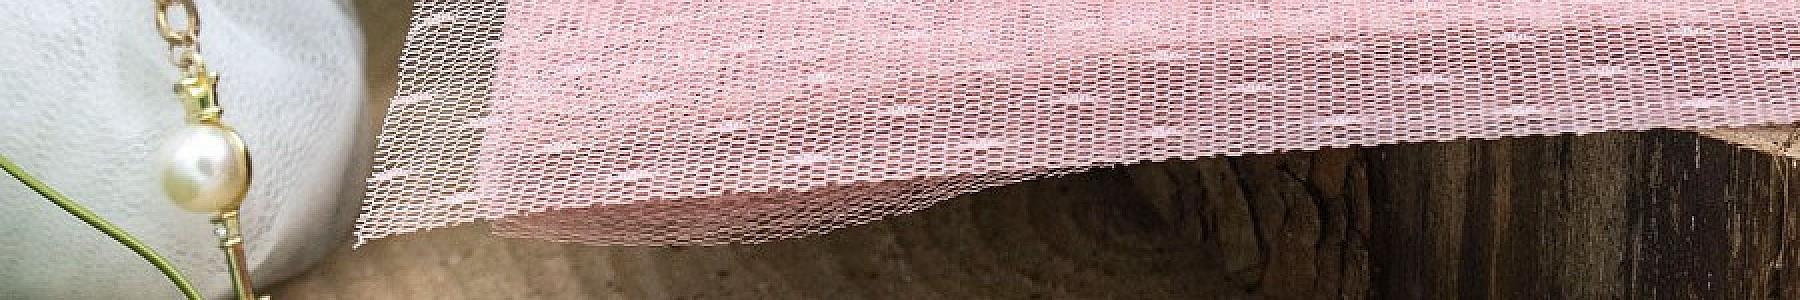 κομμένα τρούλια - υφάσματα